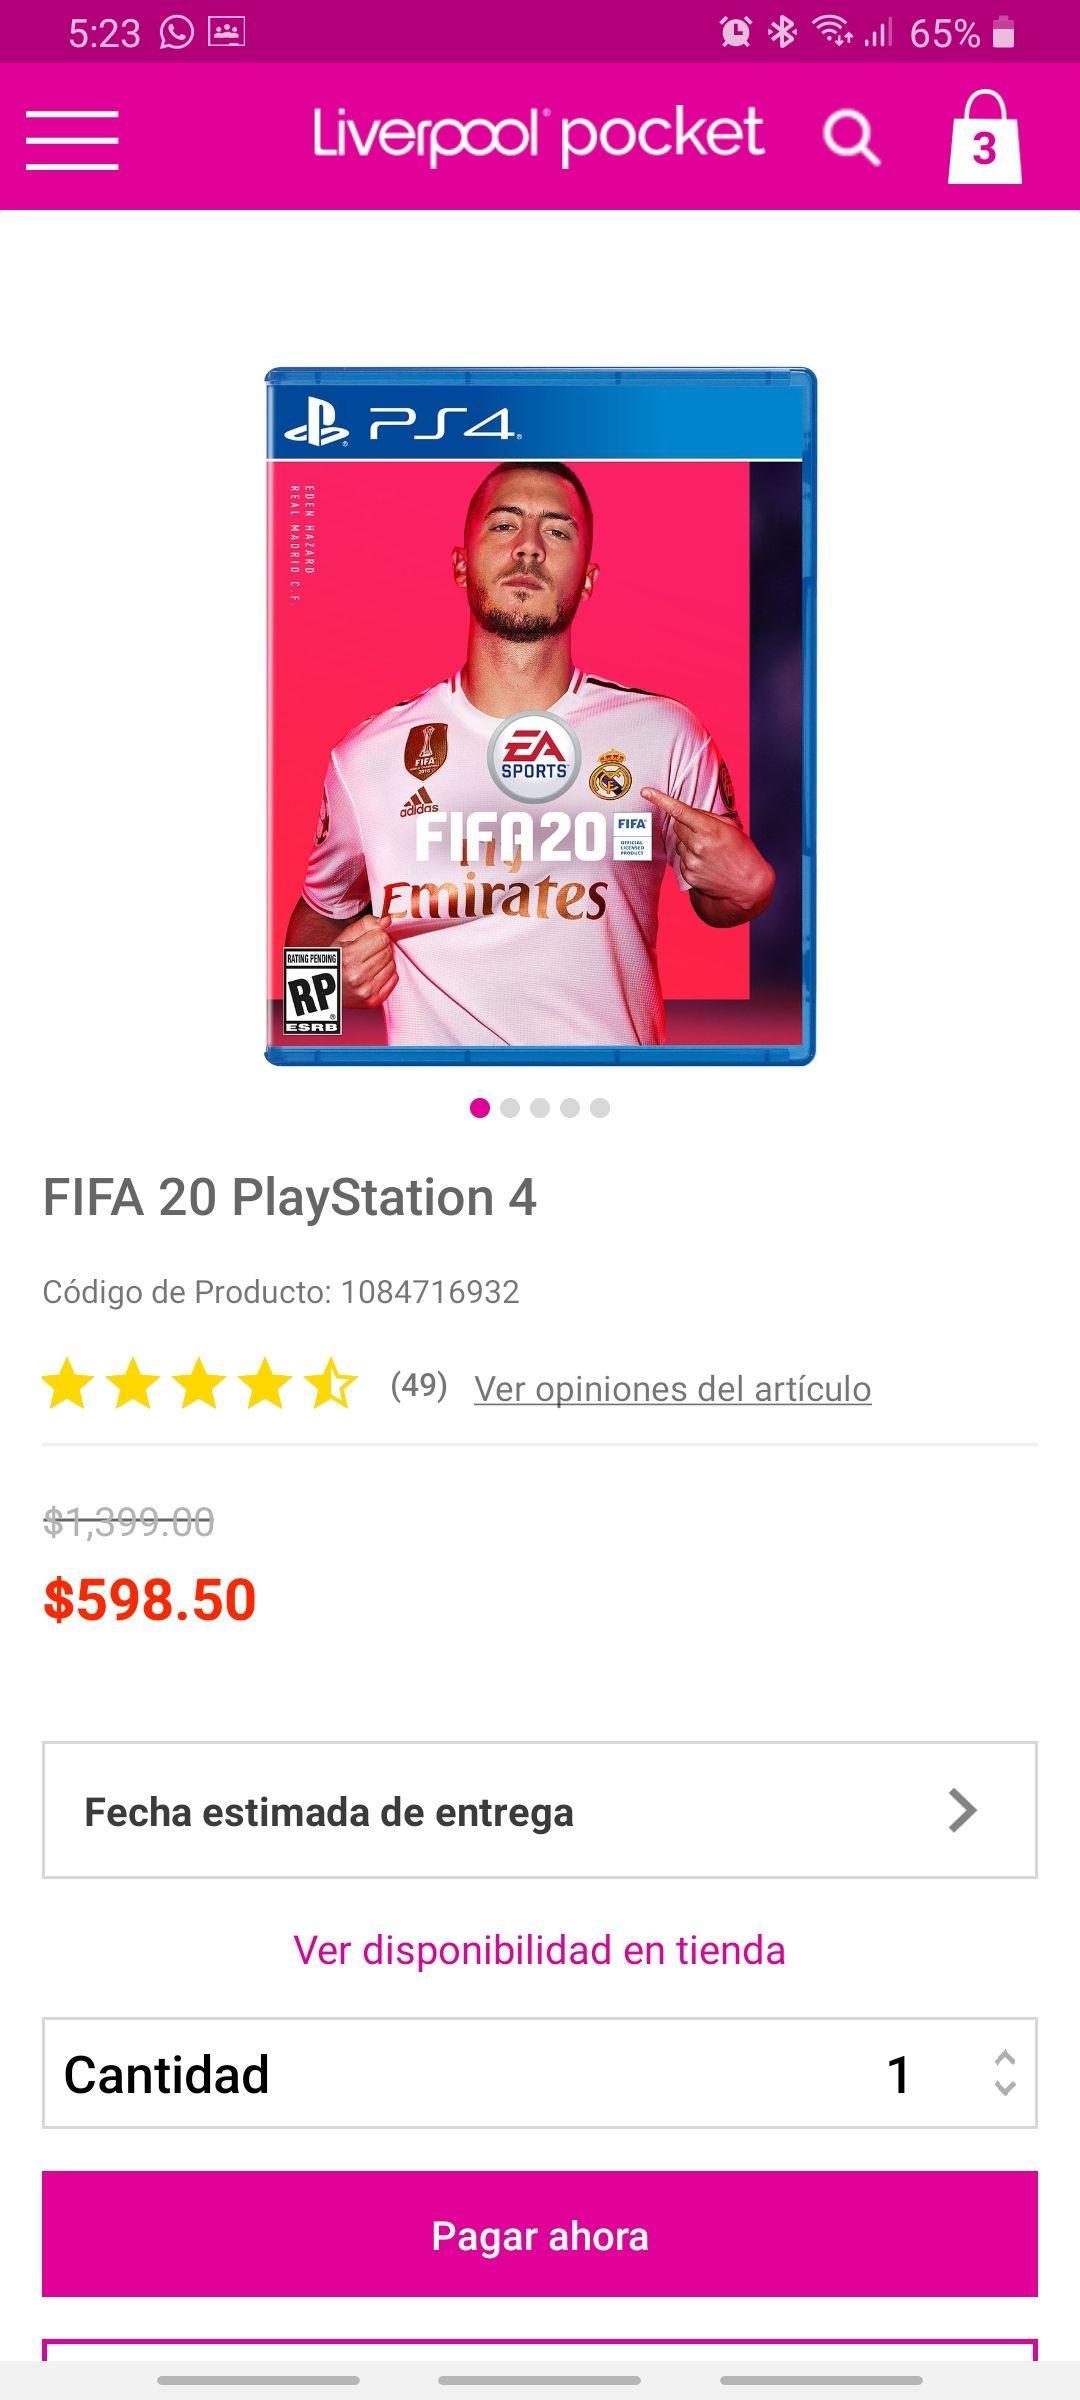 Liverpool: FIFA 20 PS4